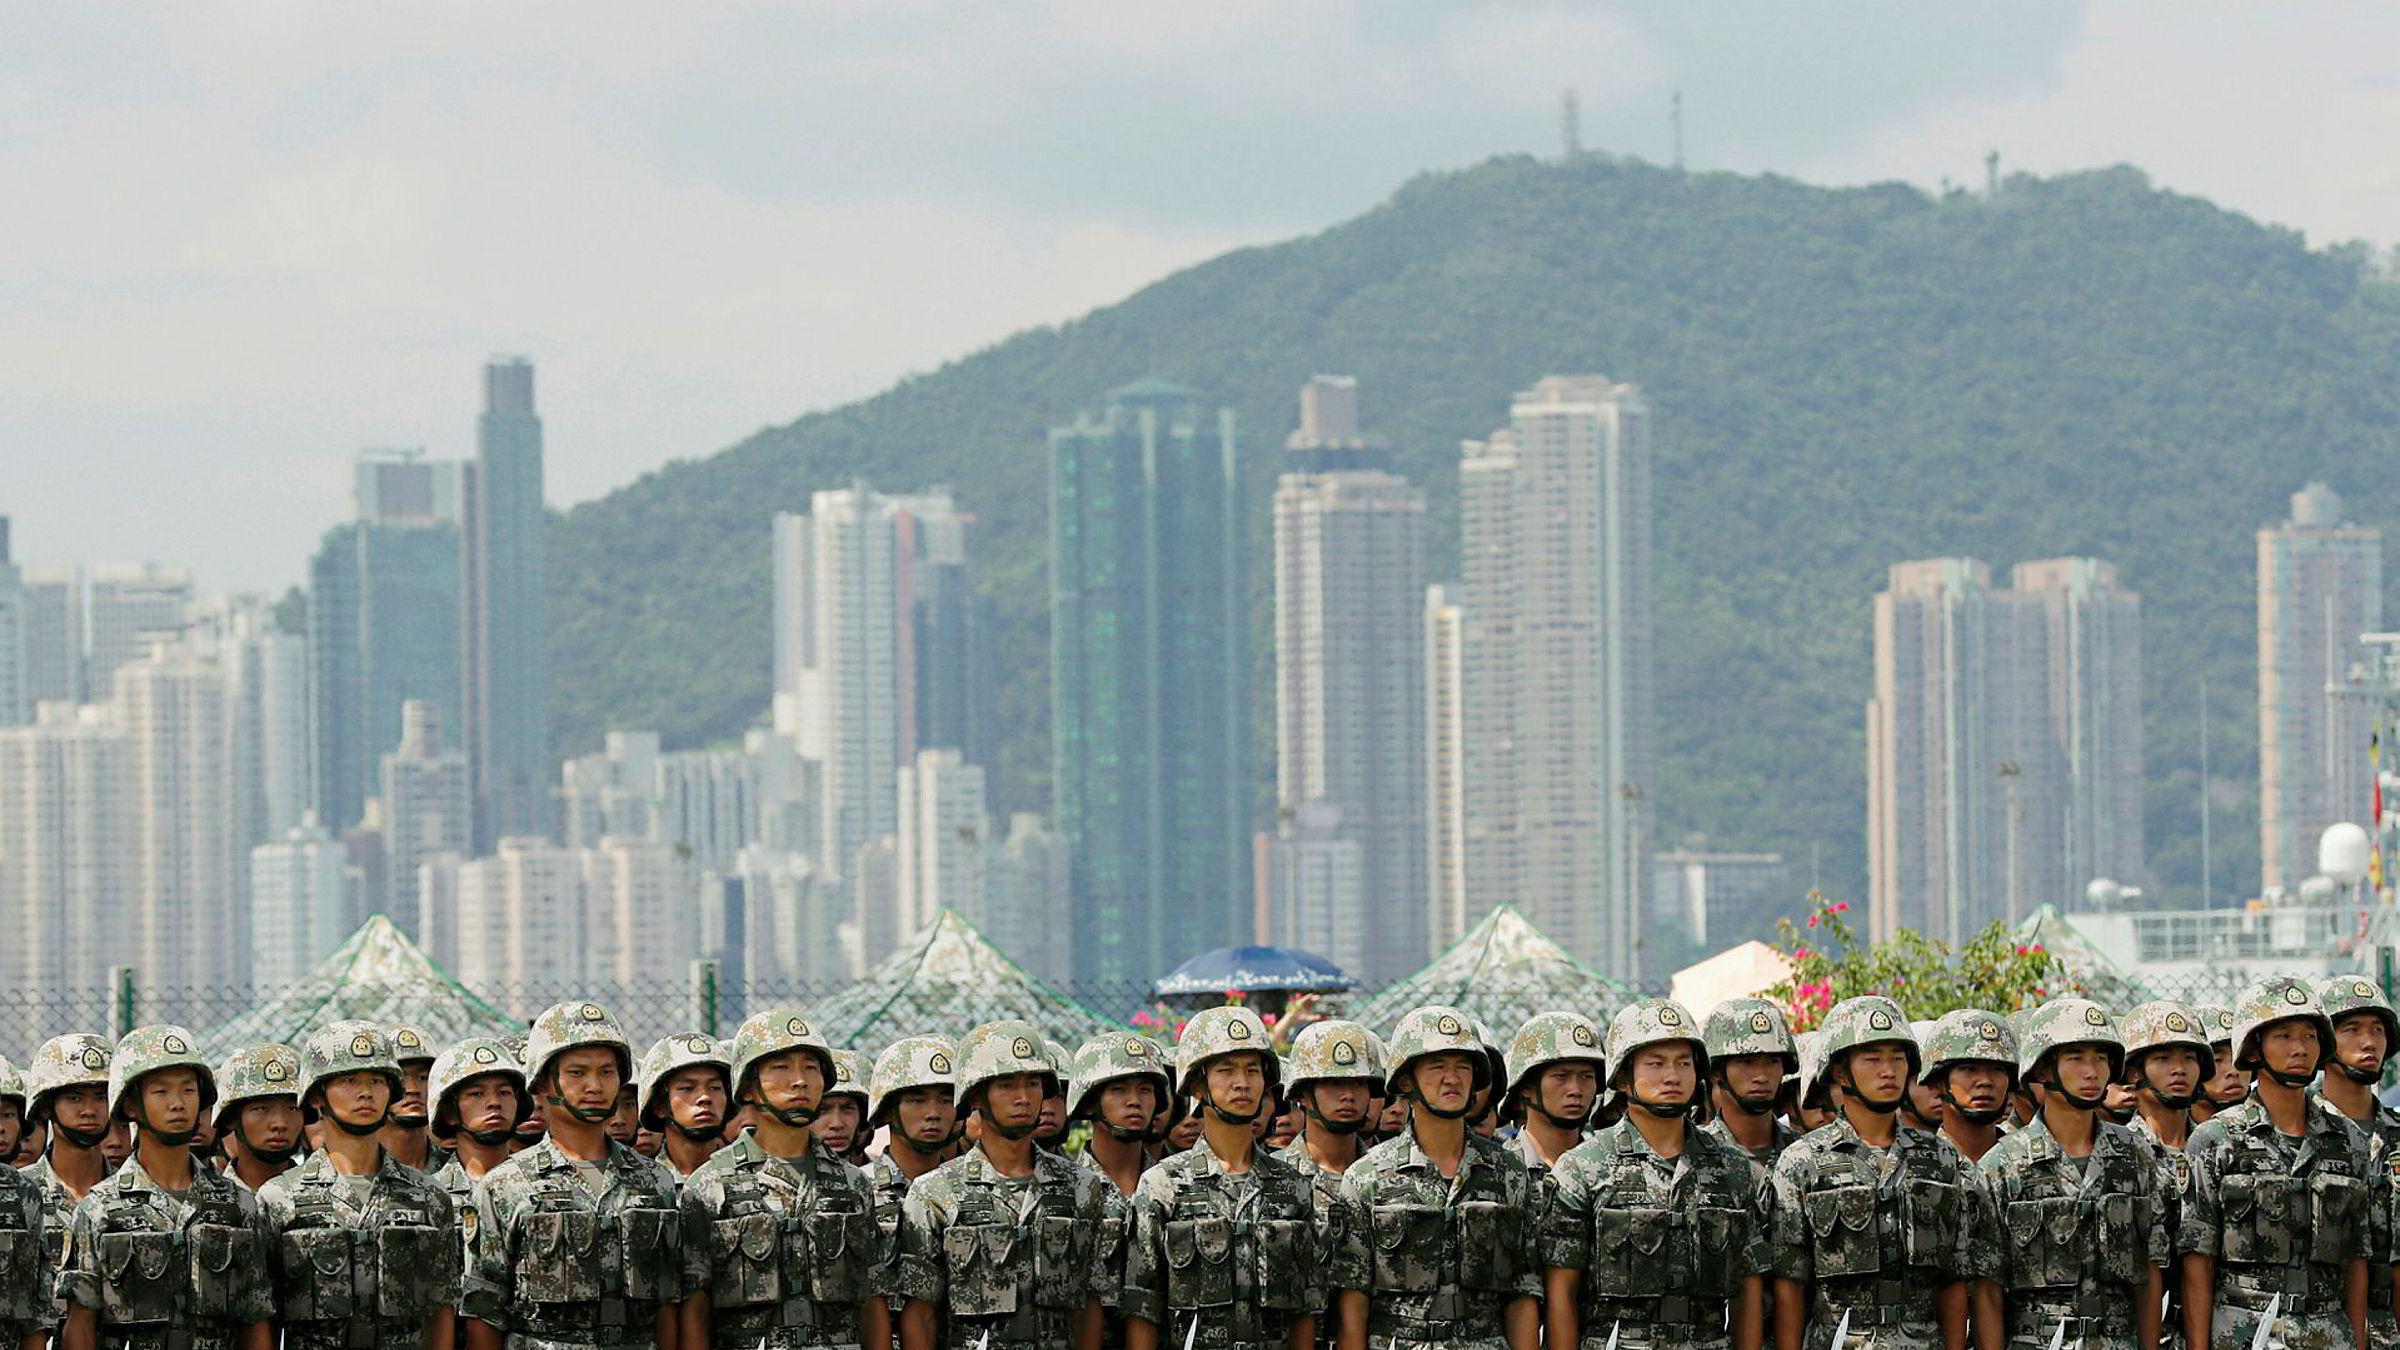 Donald Trump mener det er hans fortjeneste at disse soldatene ikke har utradert demonstrantene i Hongkong.